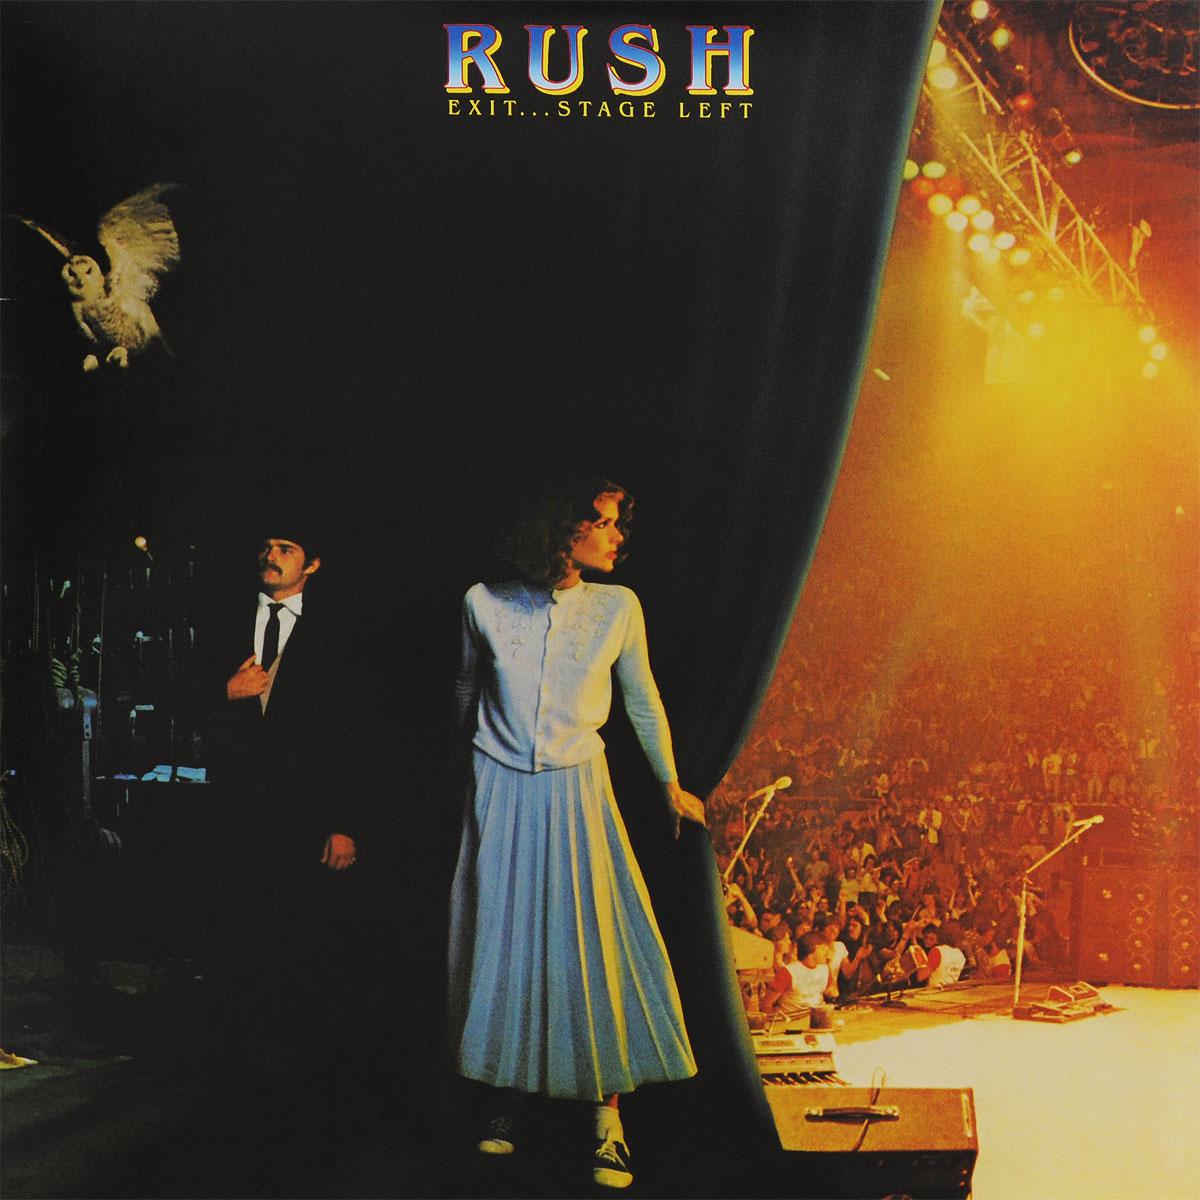 Rush Rush. Exit...Stage Left (2 LP) rush rush kiel auditorium st louis mo february 14 1980 2 lp